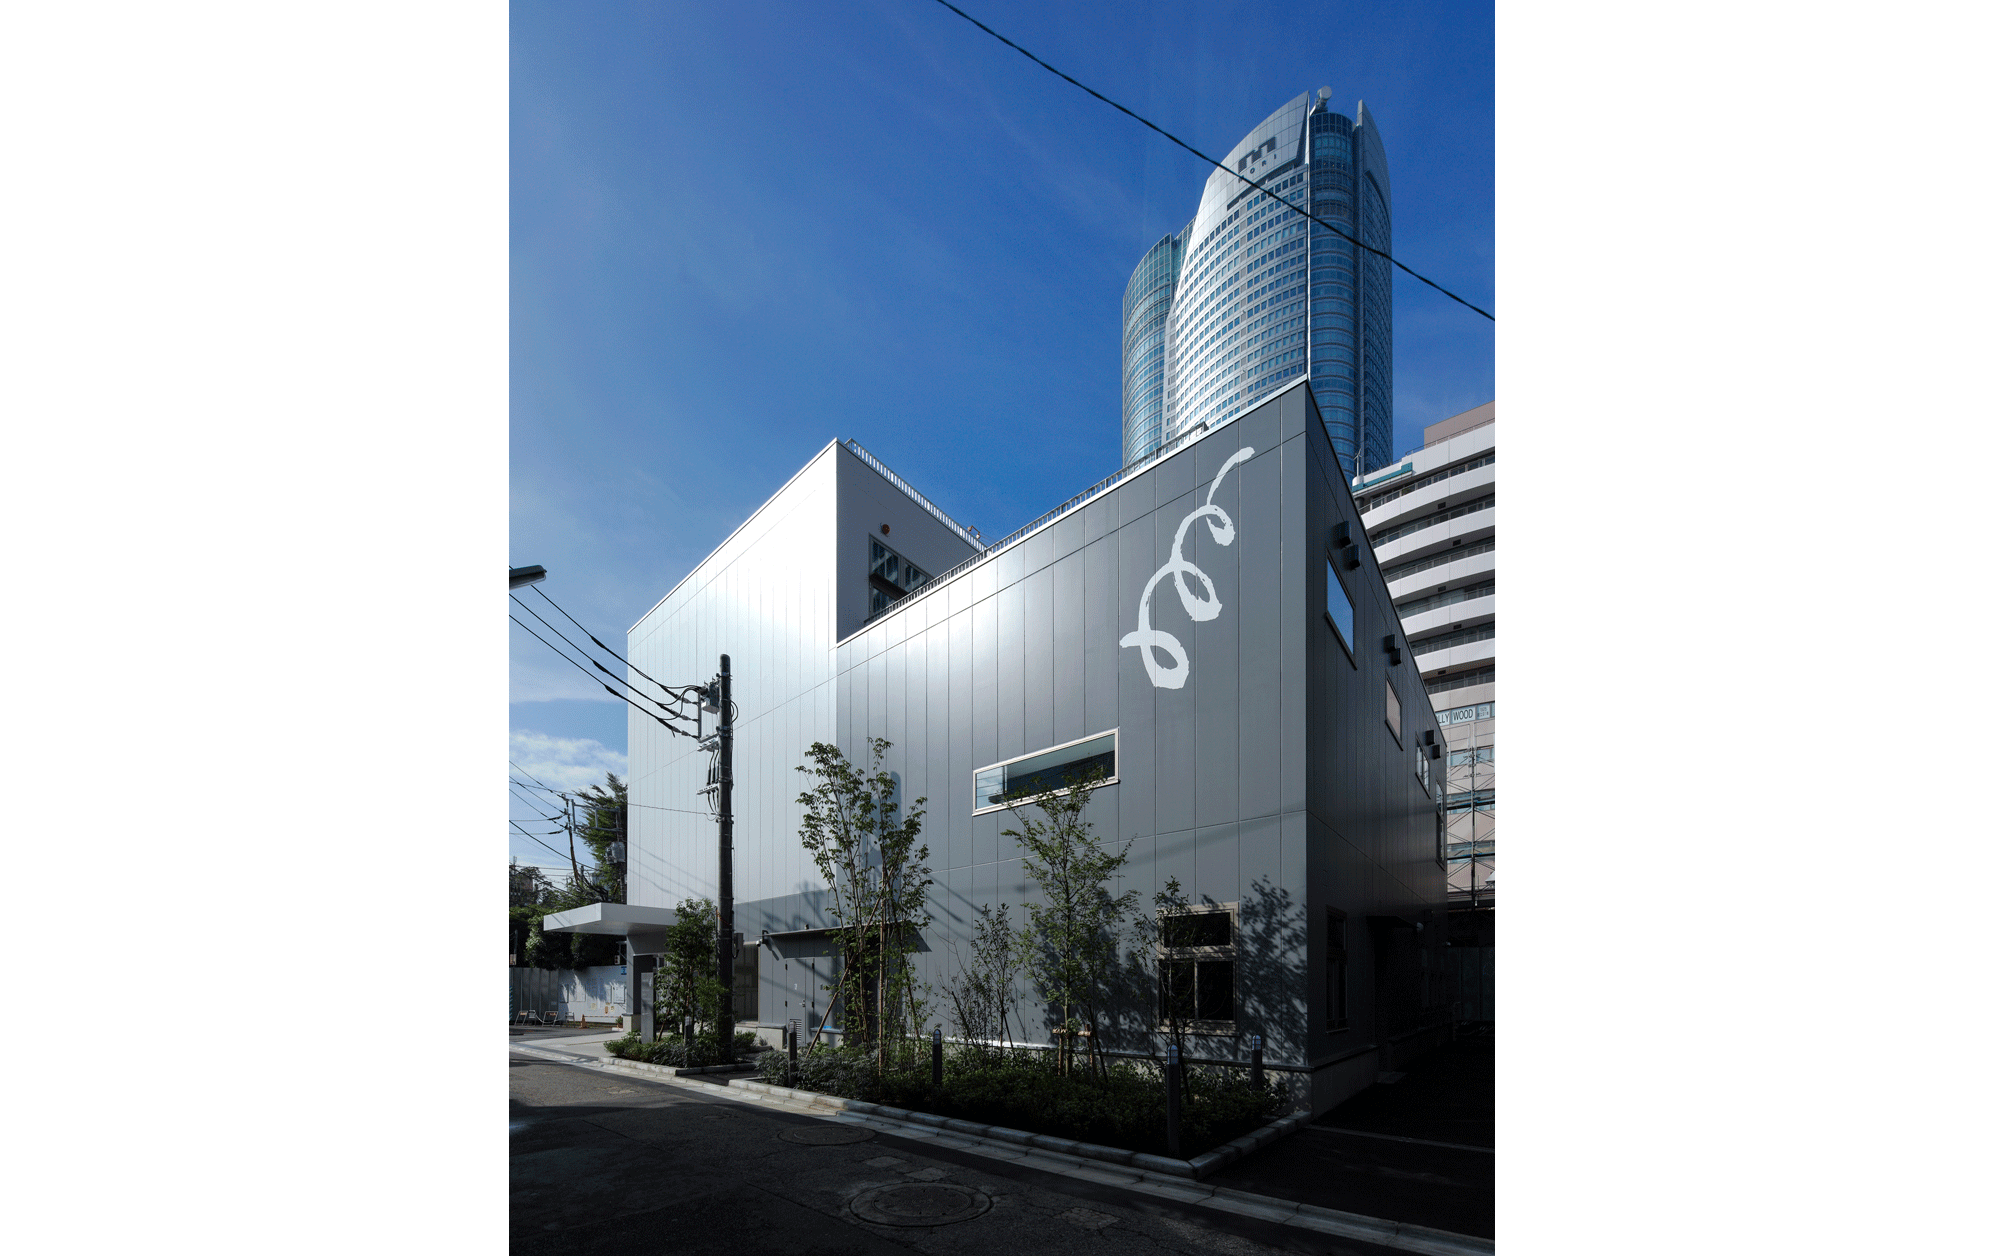 六本木が東京のアートの中心地に、待望のギャラリーコンプレックスが誕生! | complex665